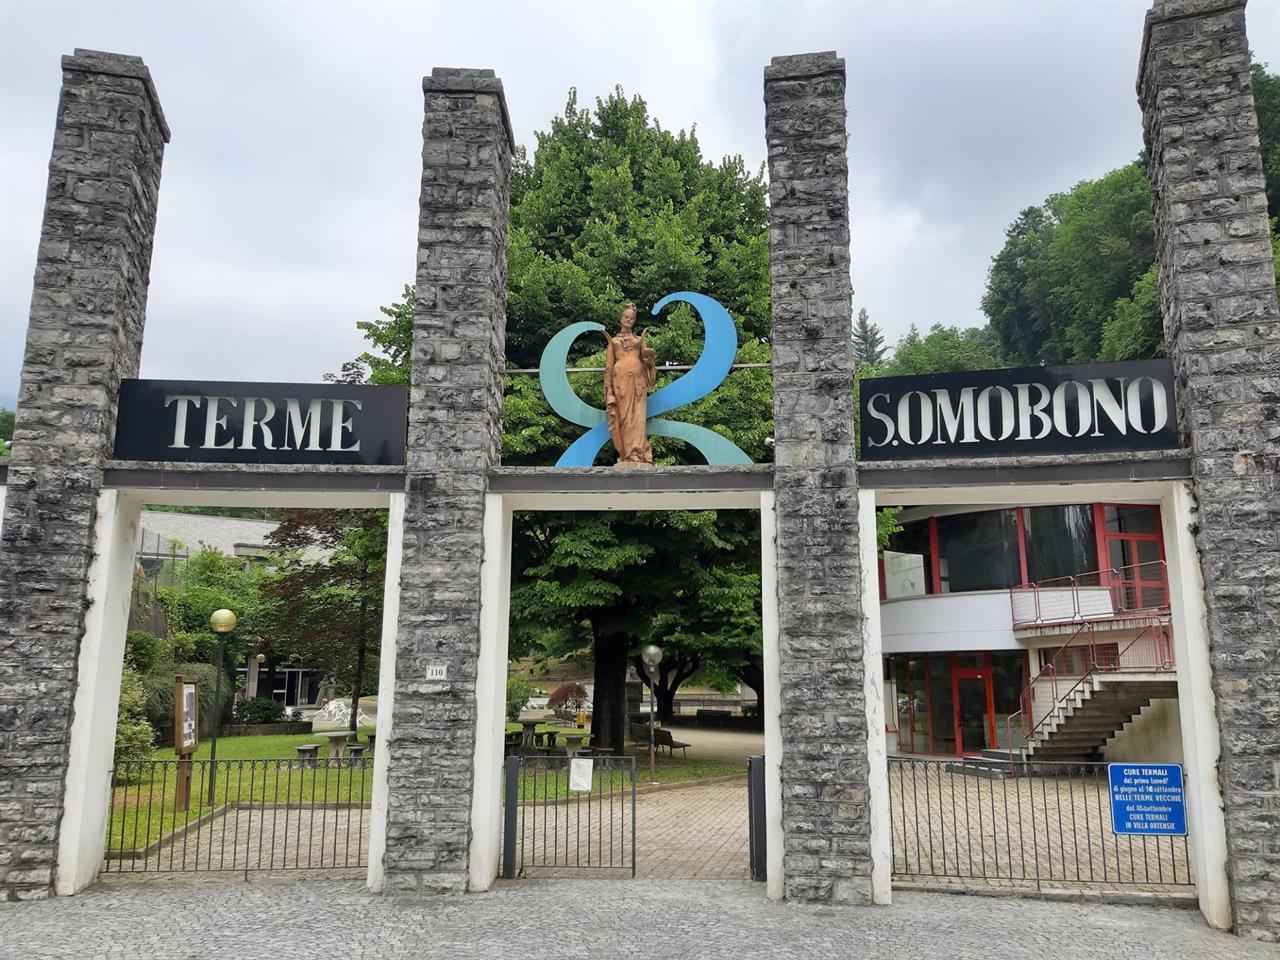 Terme Omobono